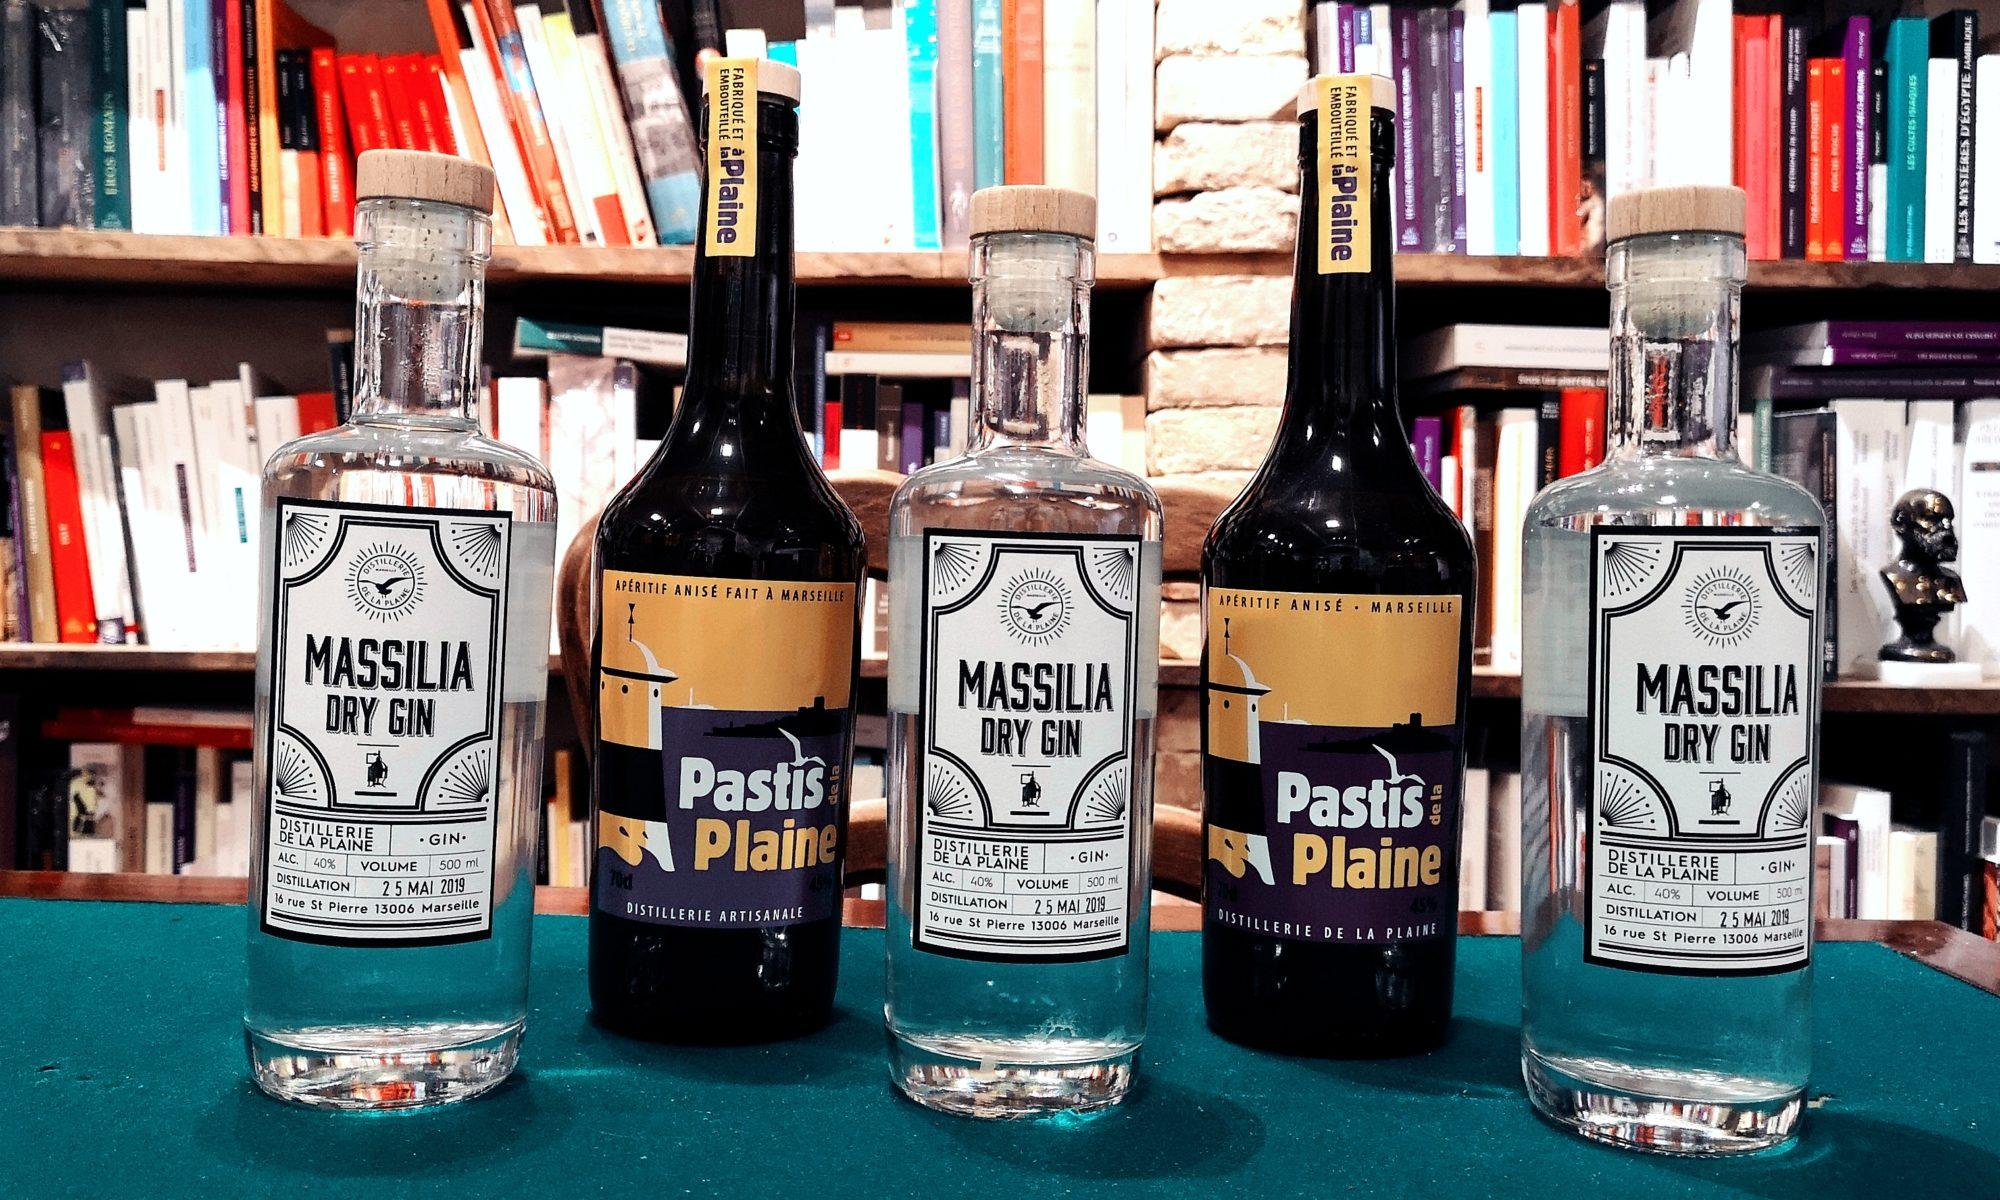 Massilia dry gin et pastis à Arles